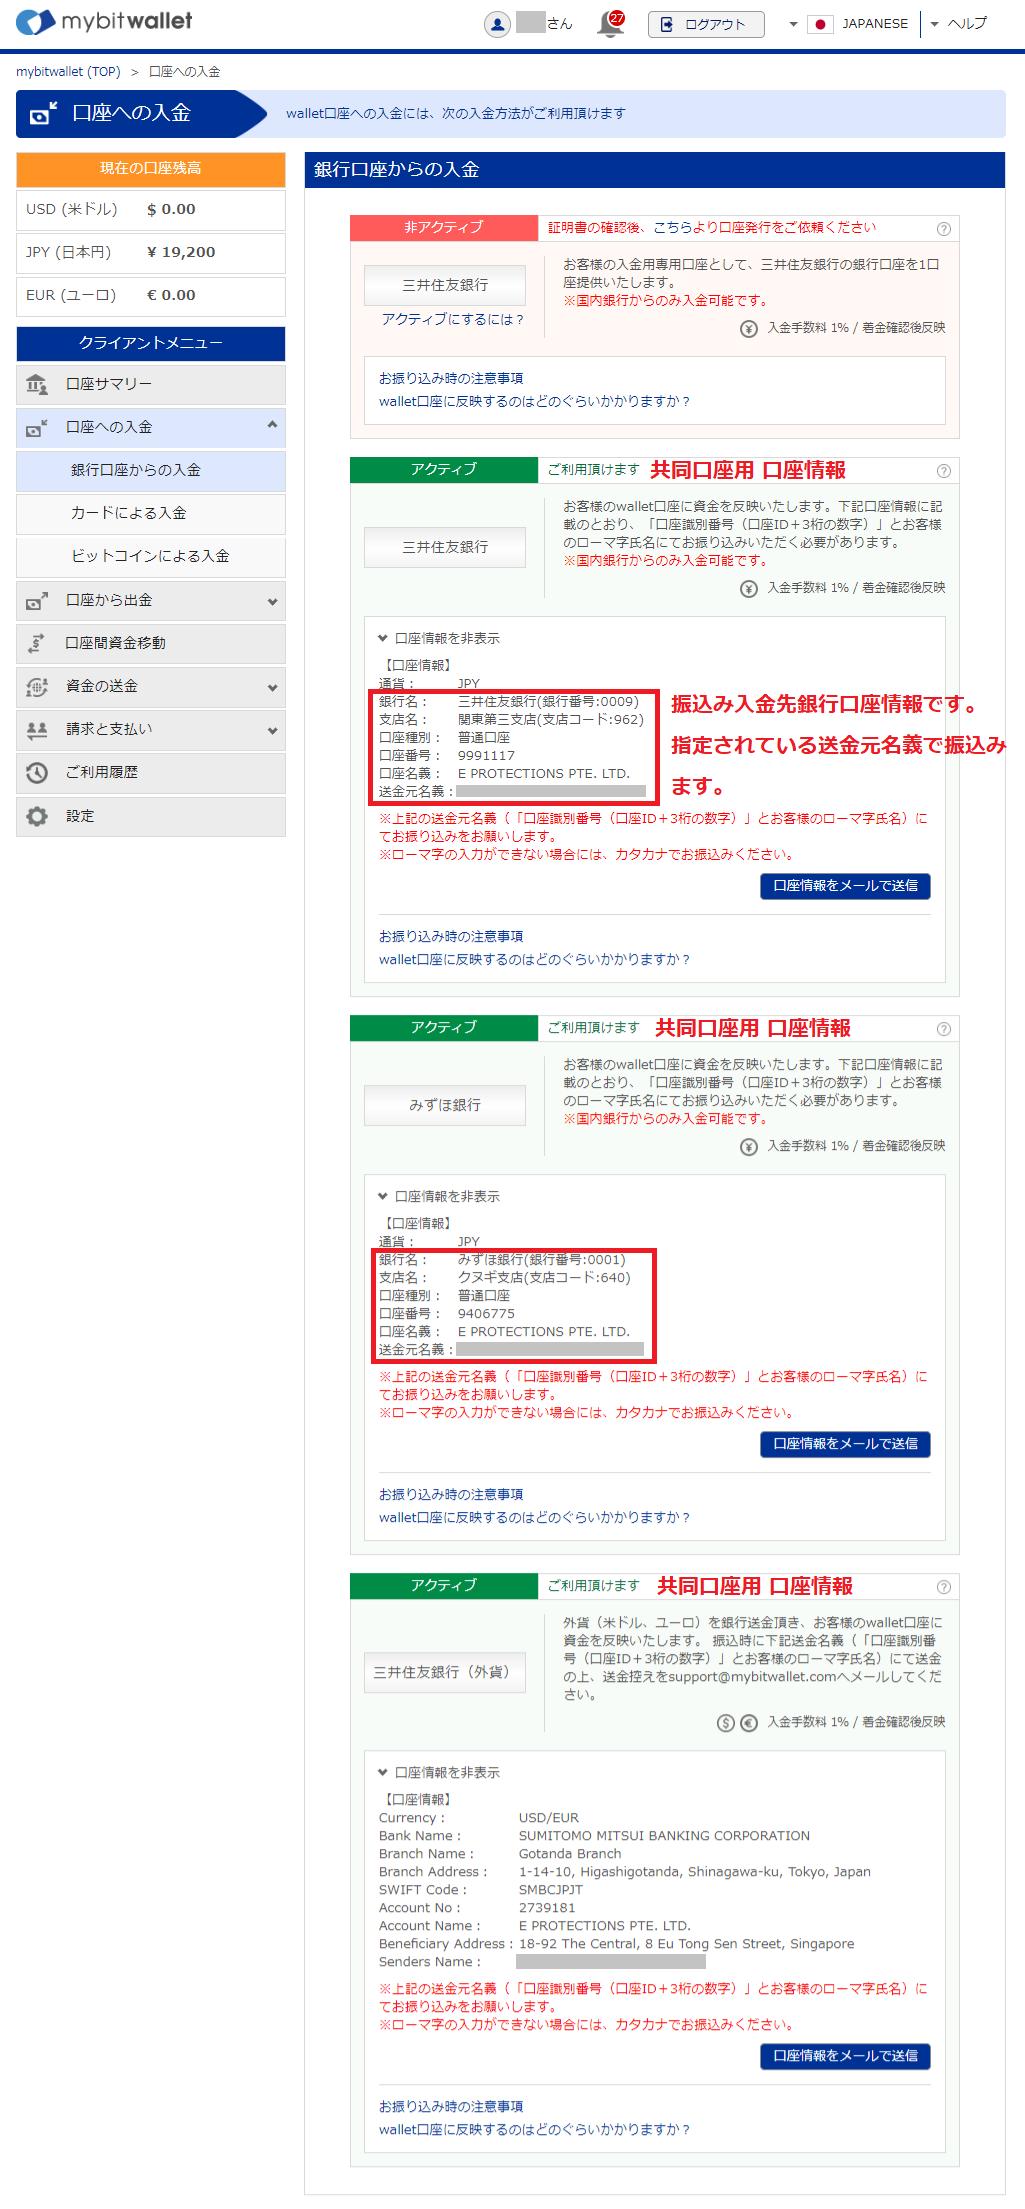 海外FX mybitwallet 銀行口座振込み入金1